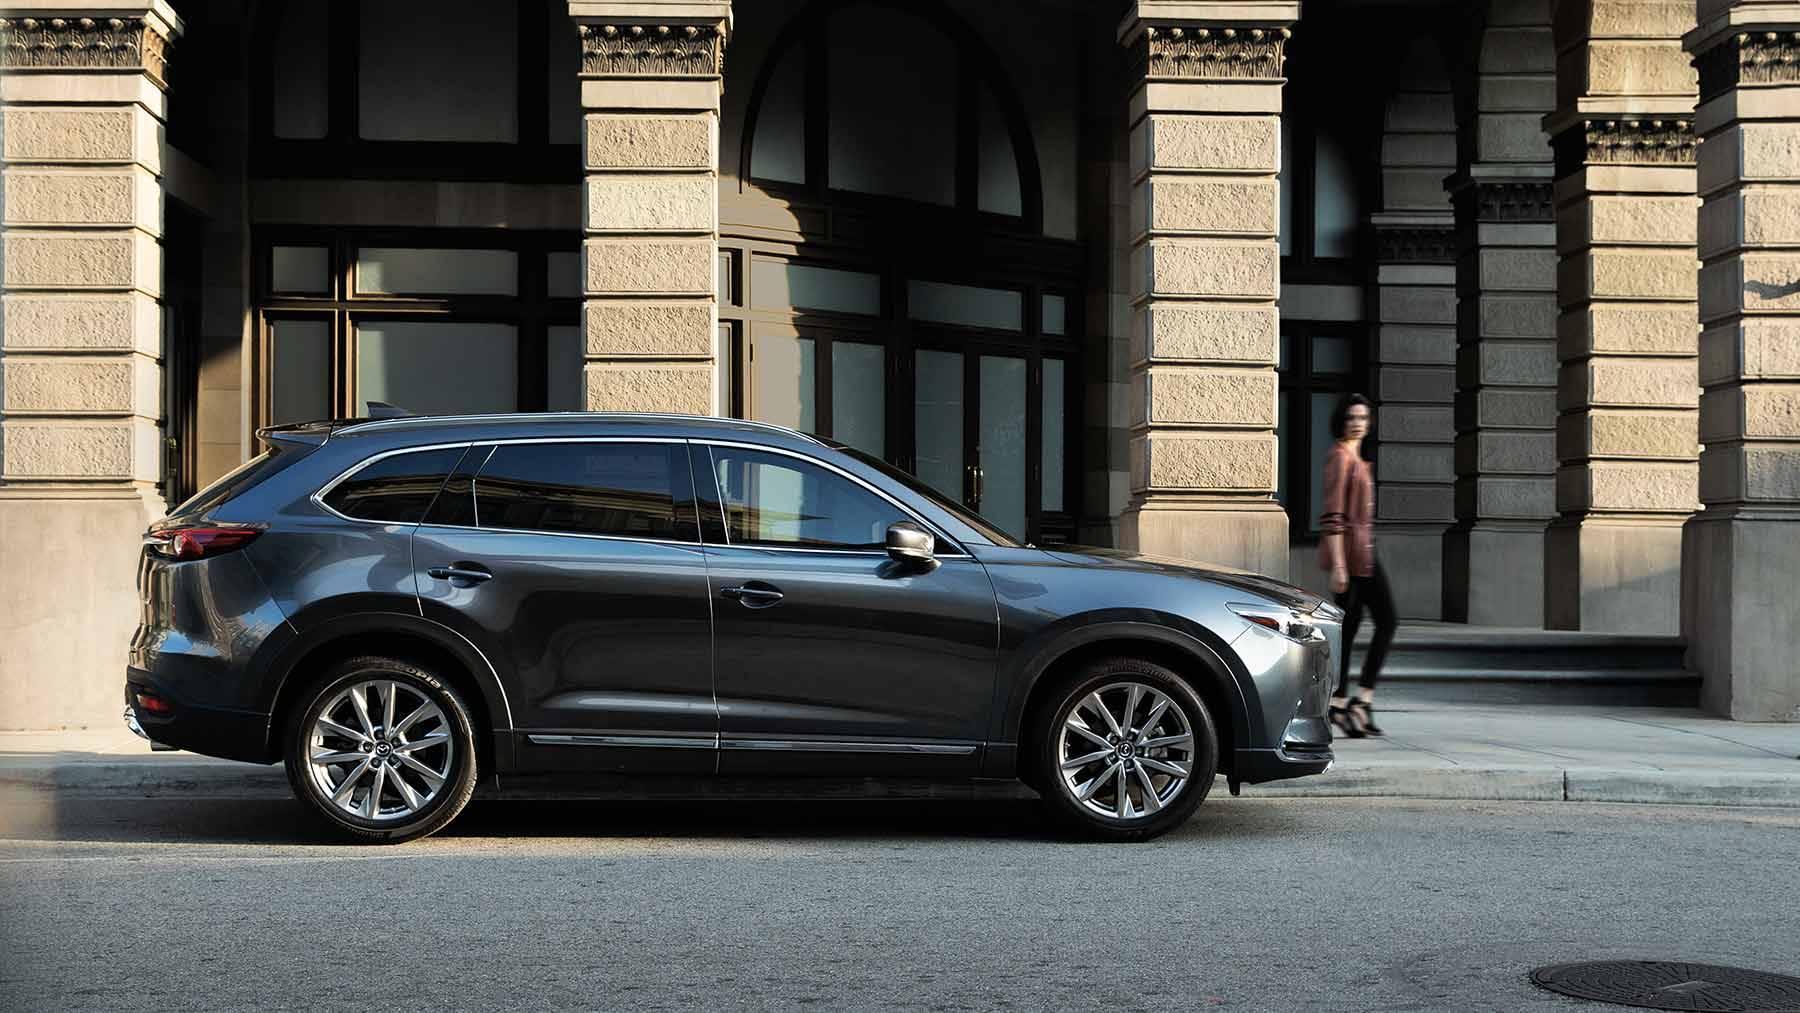 New 2019 Mazda CX-9 Grand Touring FWD